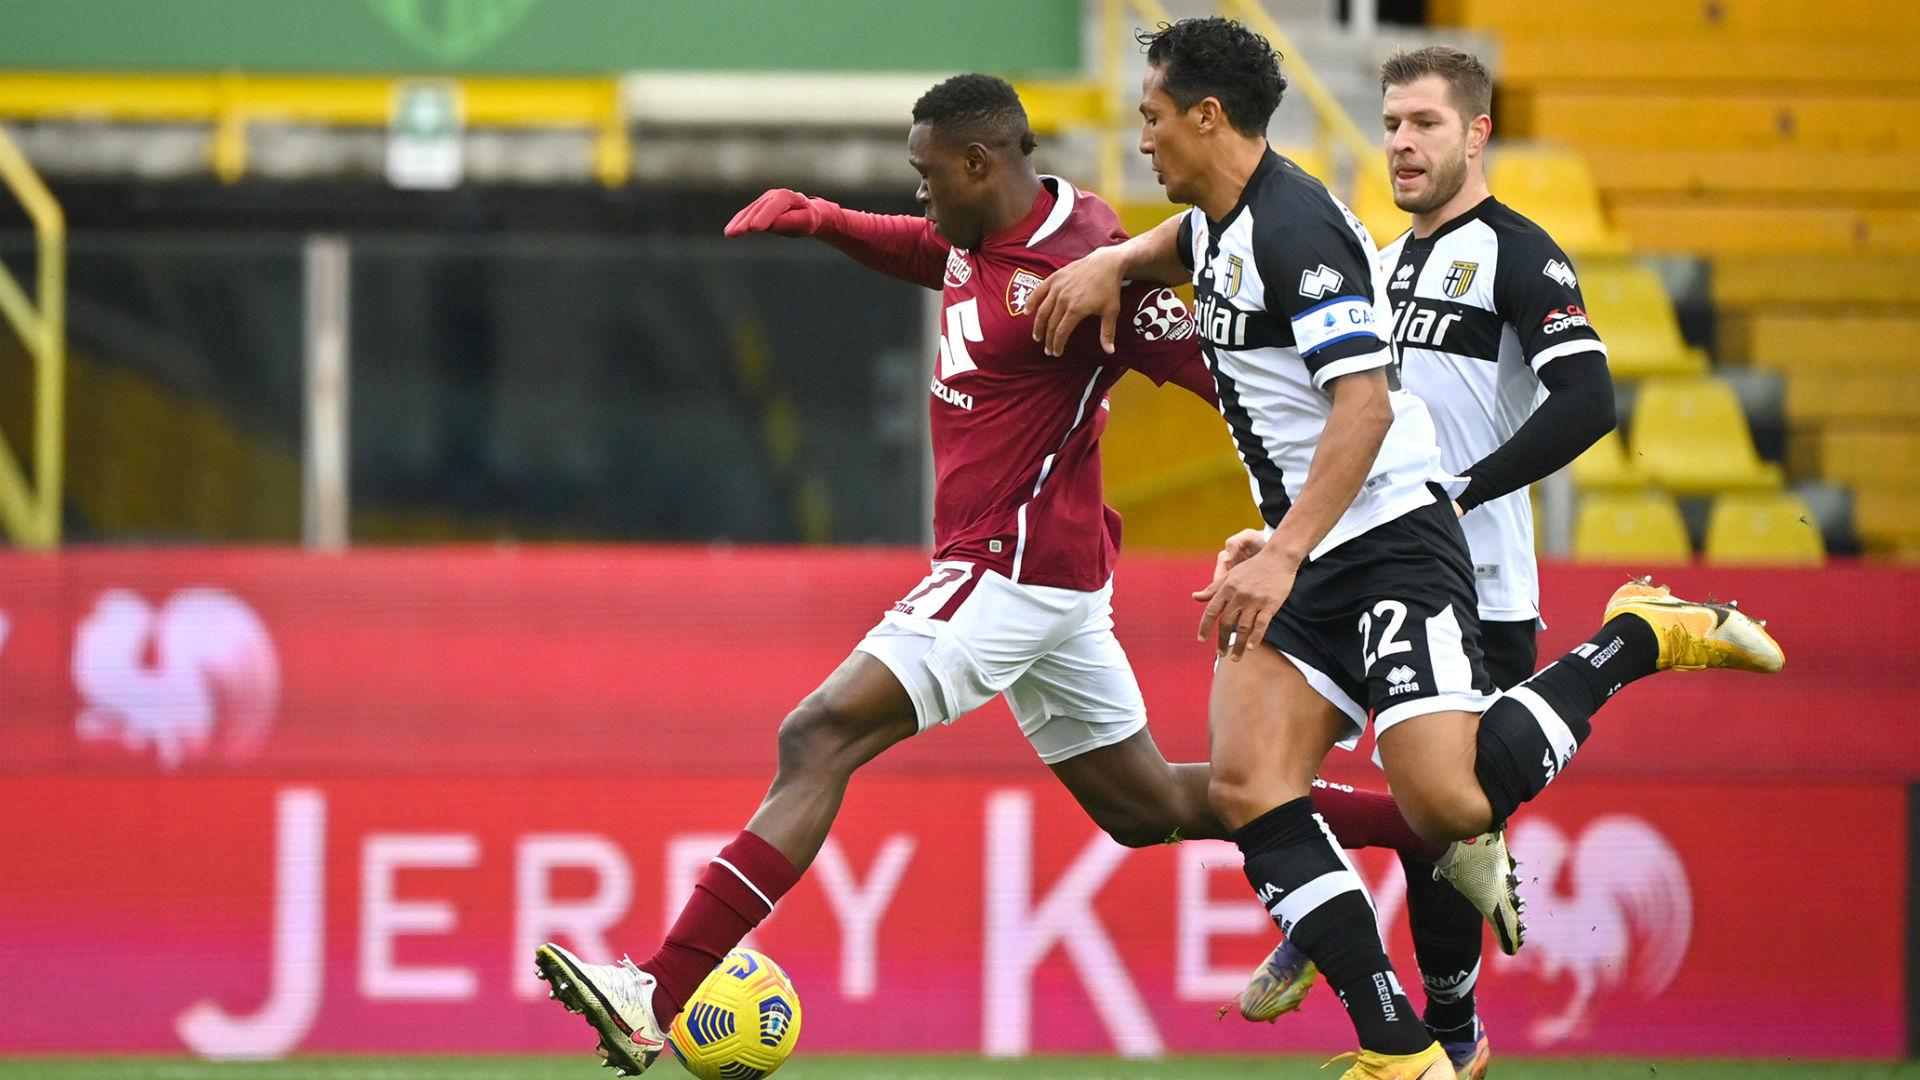 Wilfried Singo scores as Torino silence Parma